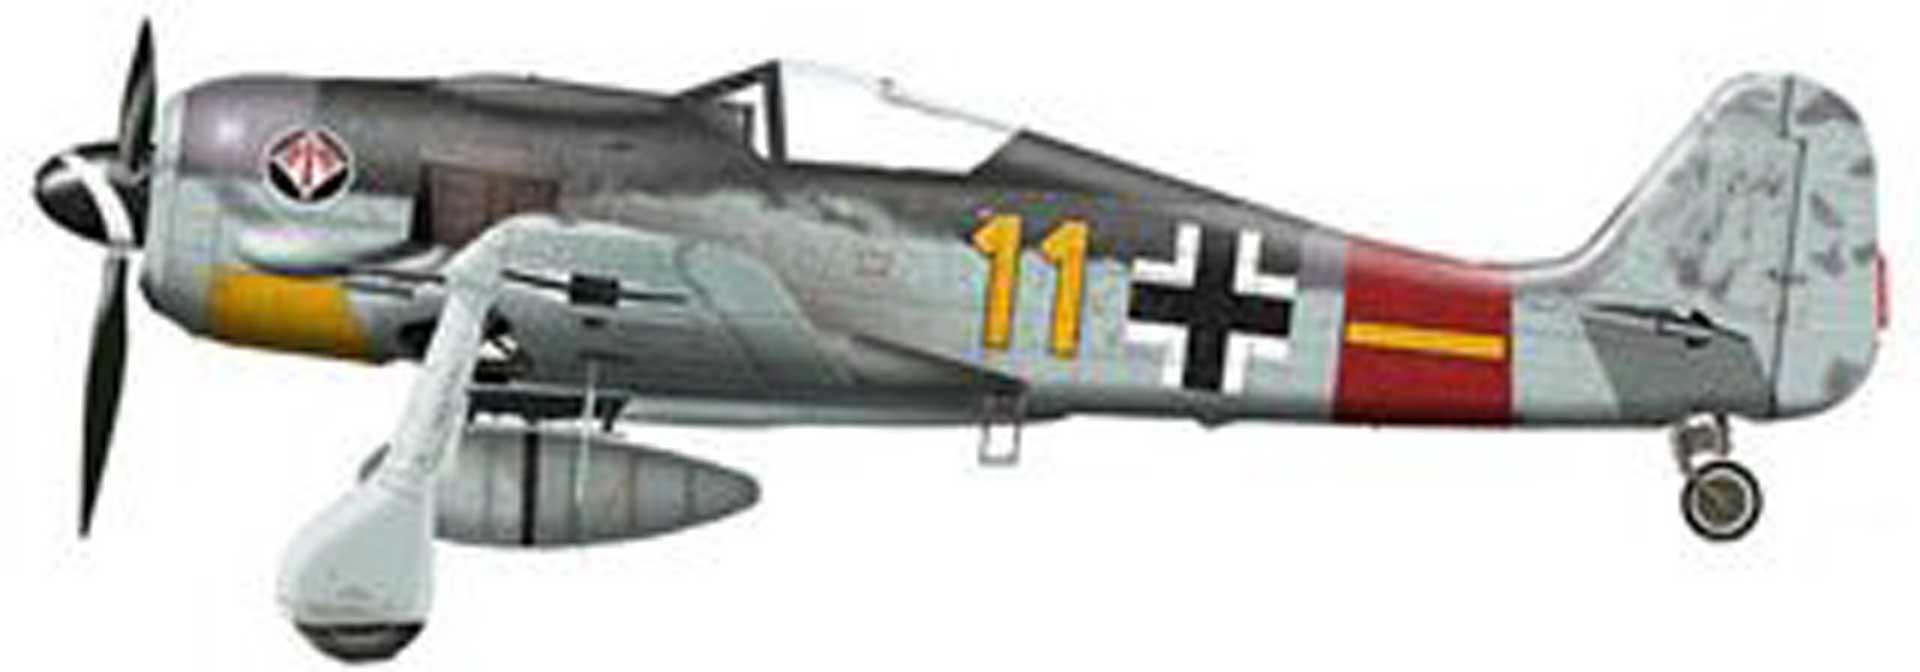 VQ Models Focke Wulf FW190A 1610mm